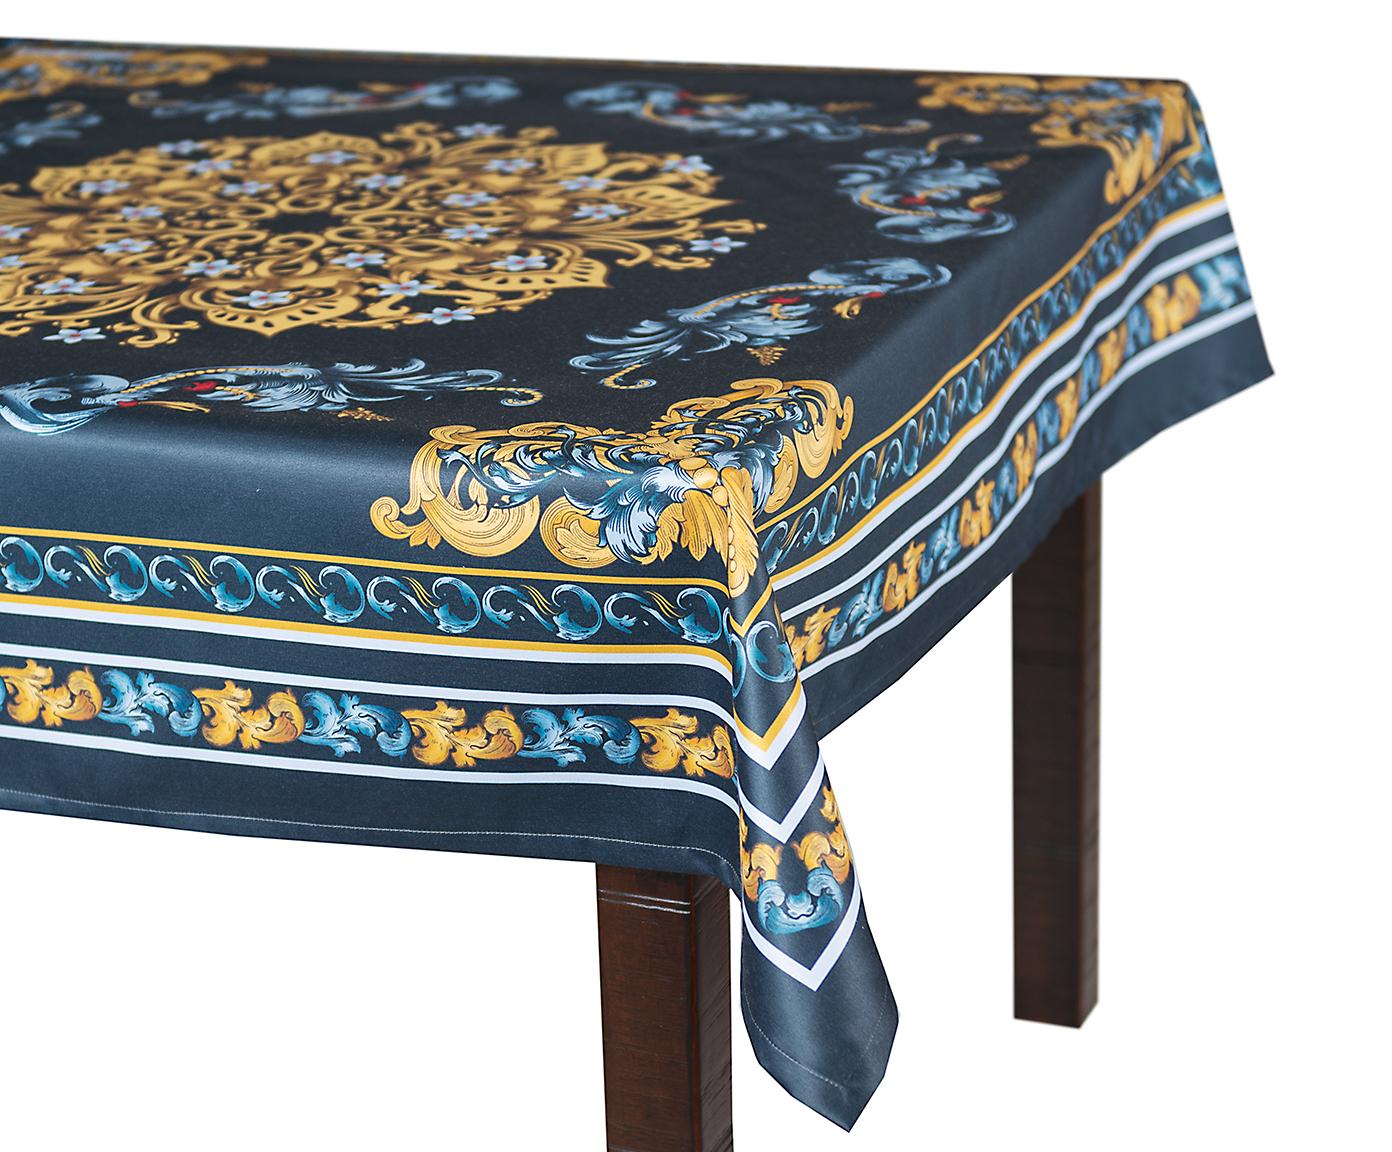 Кухня Скатерть 140x180 Blonder Home Delight синяя skatert-140x180-blonder-home-delight-sinyaya-ssha-rossiya.jpg